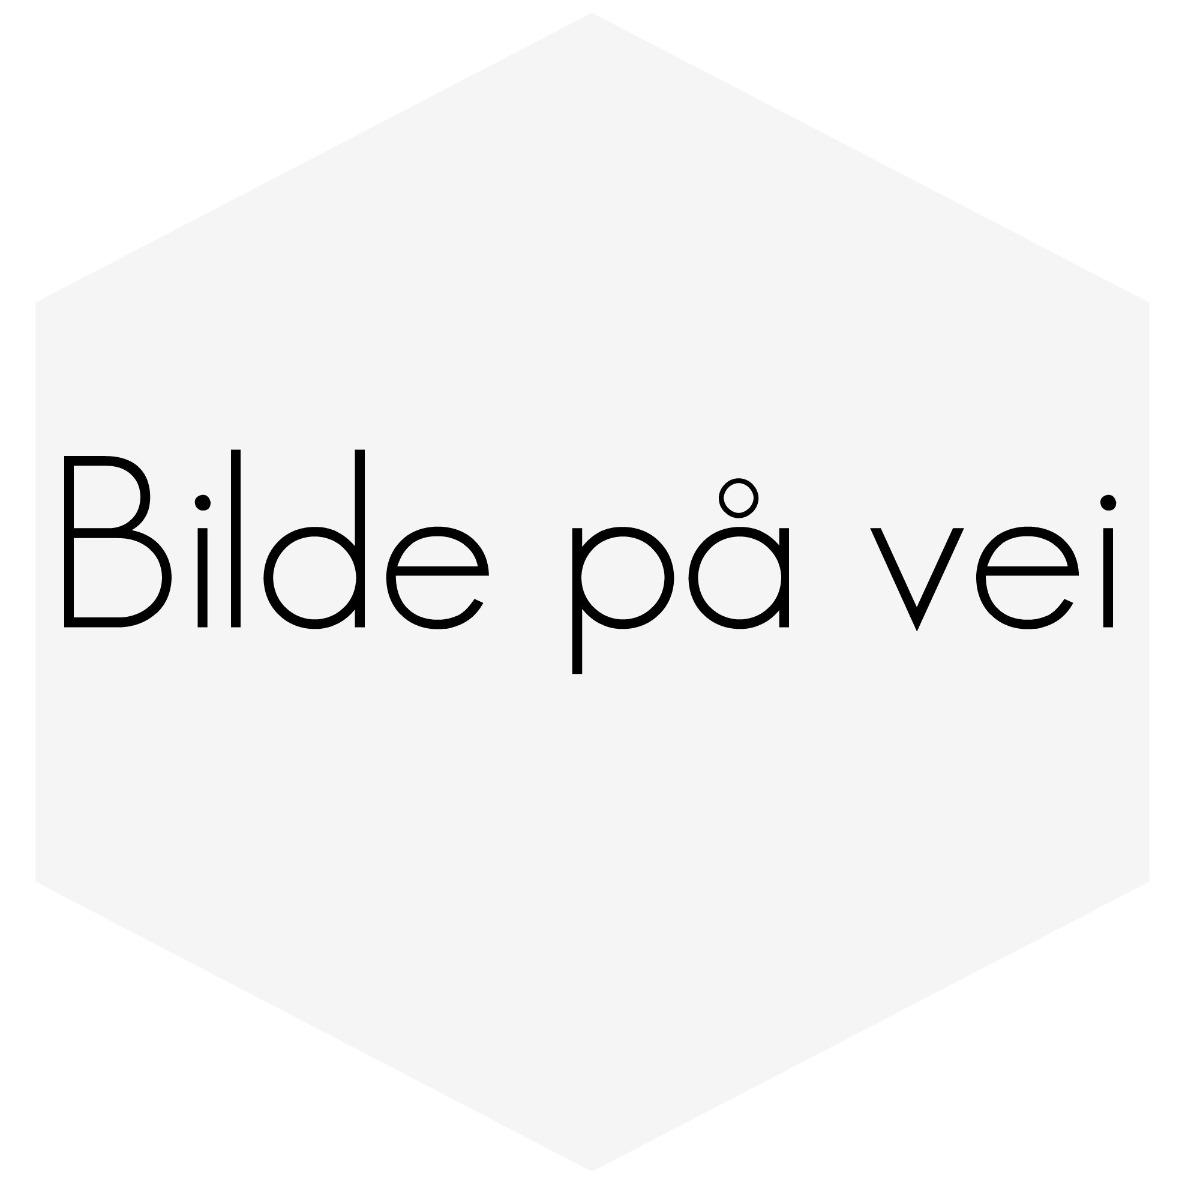 DUMP  VENTIL TURBO   LITEN PLAST TYPE OPP TIL 0.6BAR